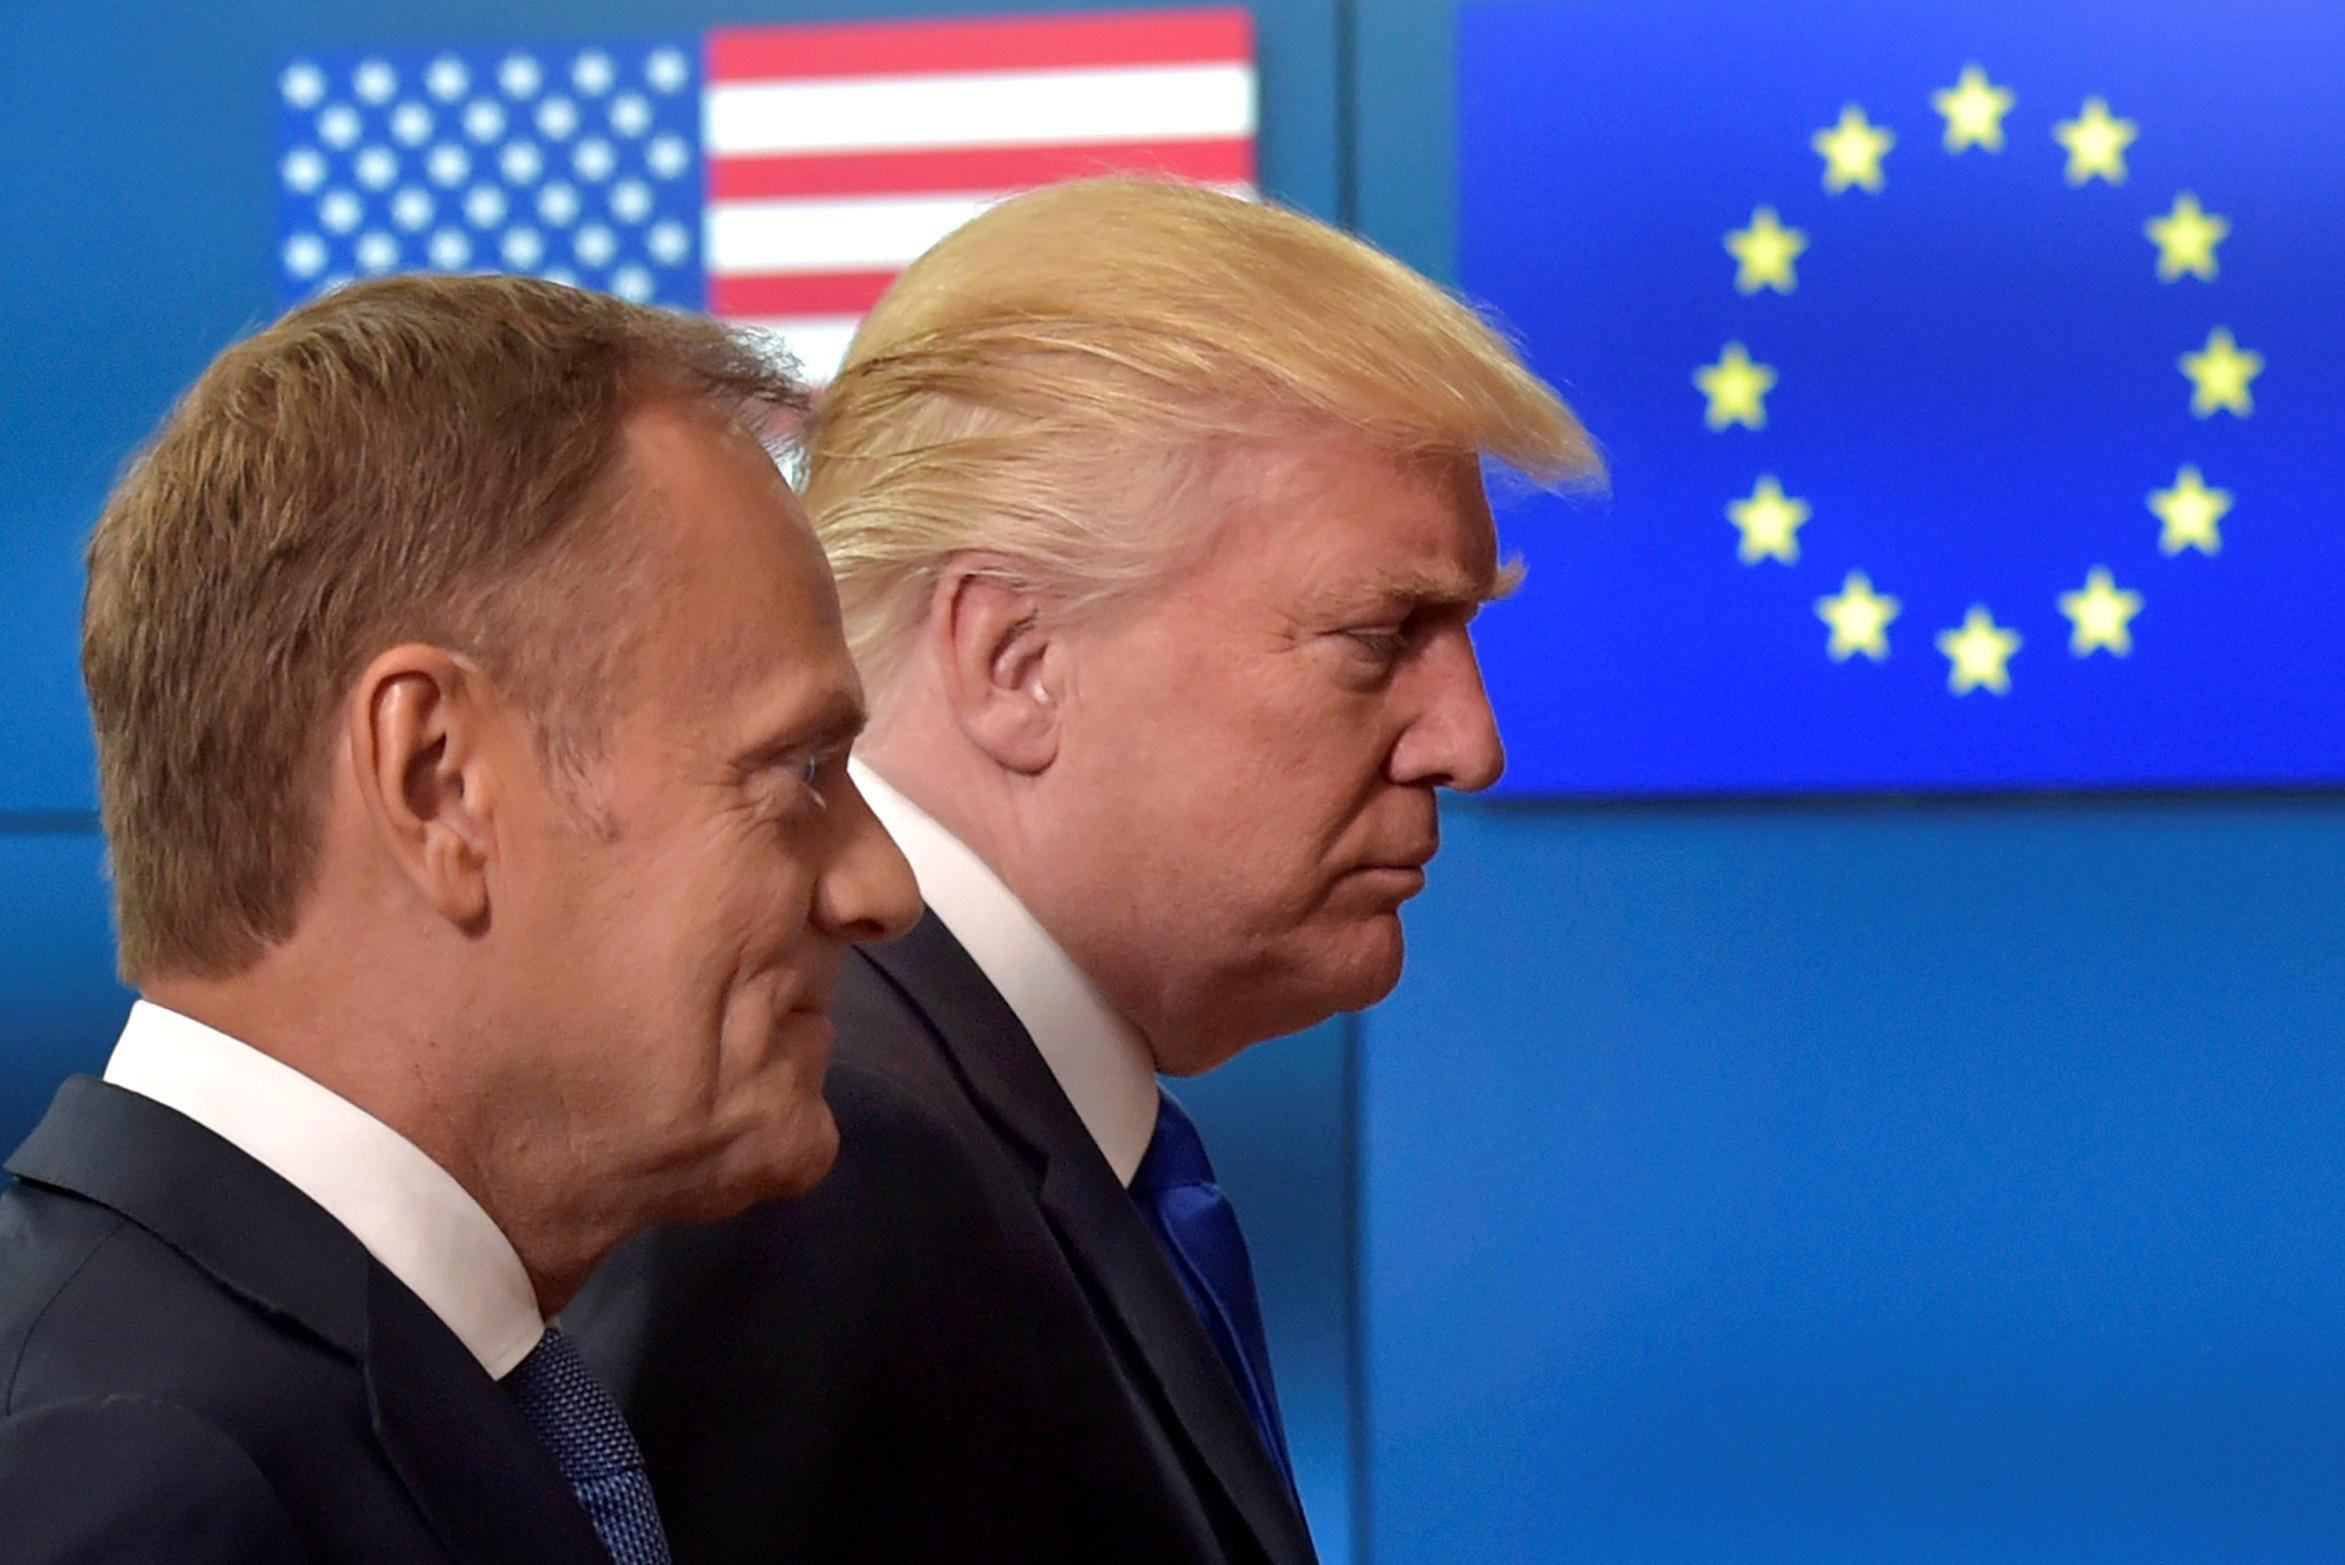 Američki predsjednik Donald Trump i predsjednik Europskog vijeća Donald Tusk